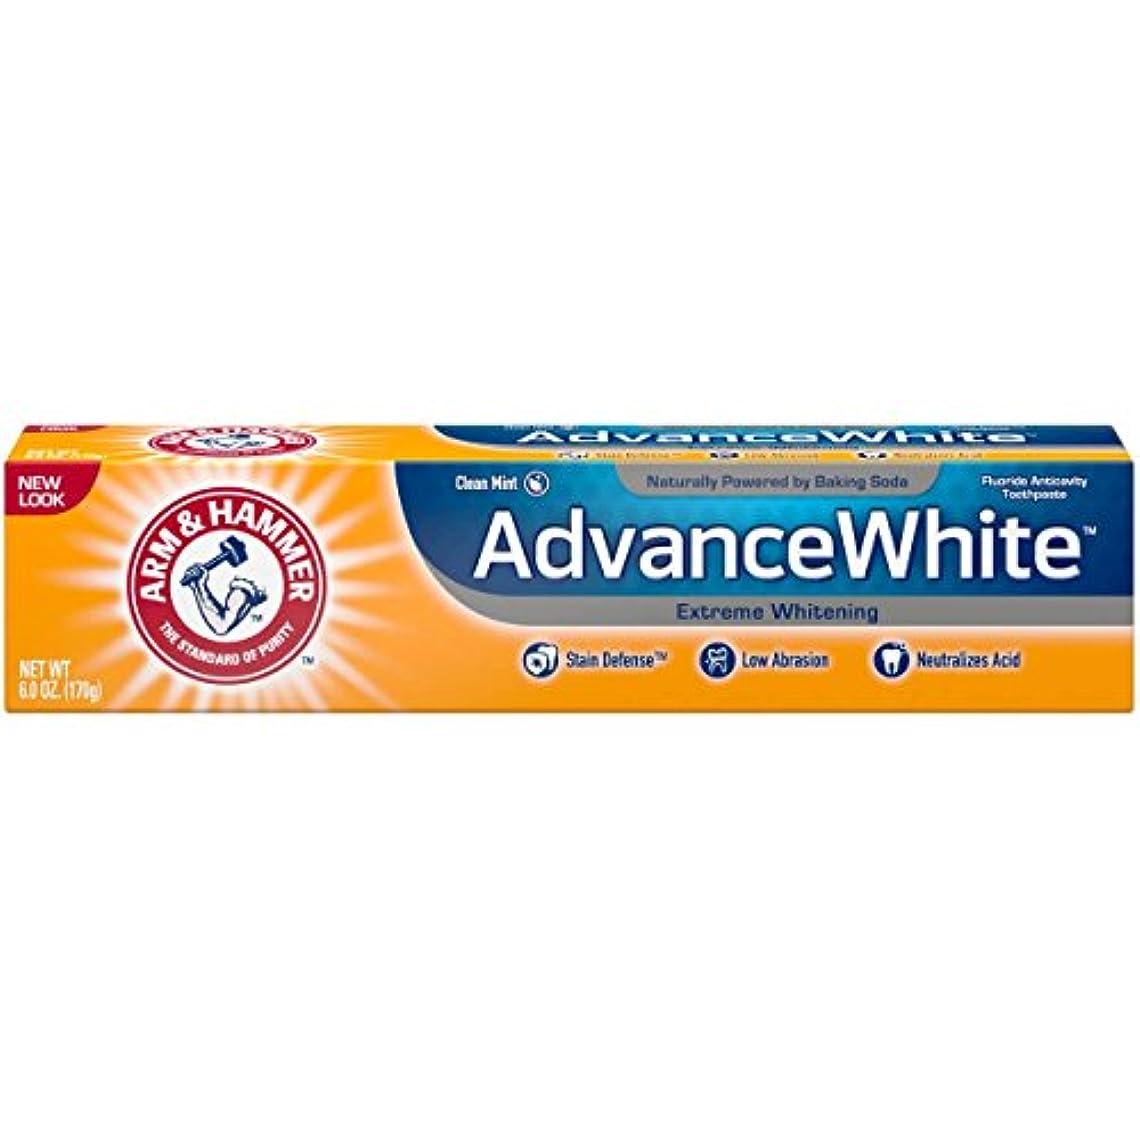 永遠の農奴唯一Arm & Hammer アドバンスホワイトエクストリームホワイトニングで染色防衛の歯磨き粉、6オズ(3パック) 3パック